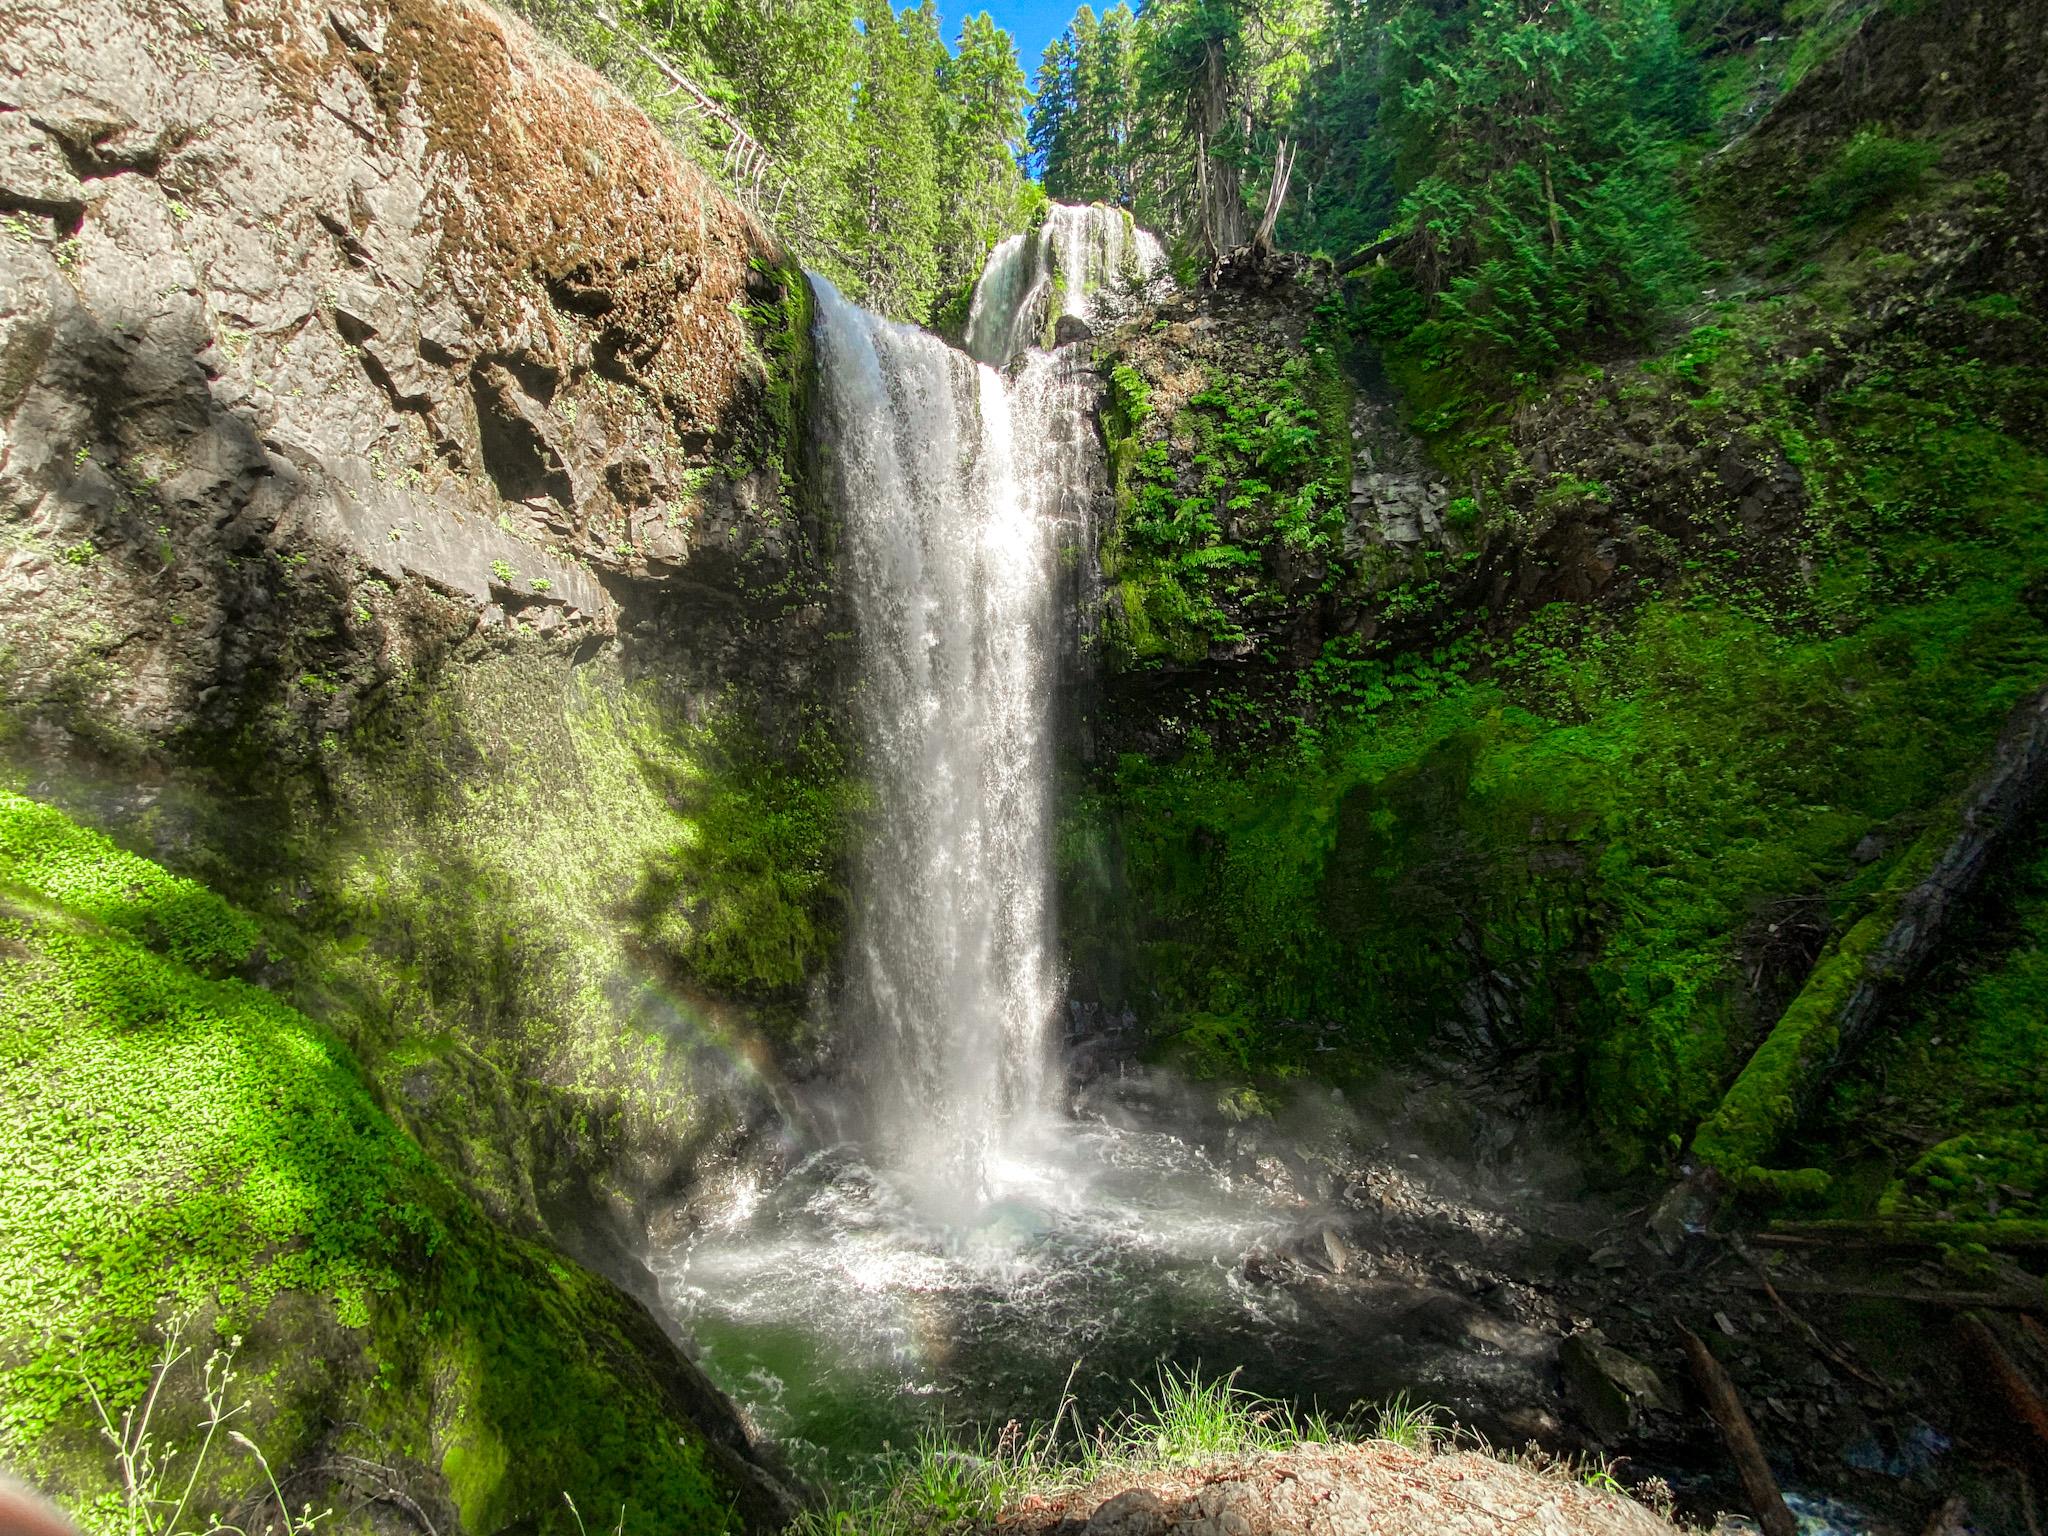 Falls Creek Falls Trail